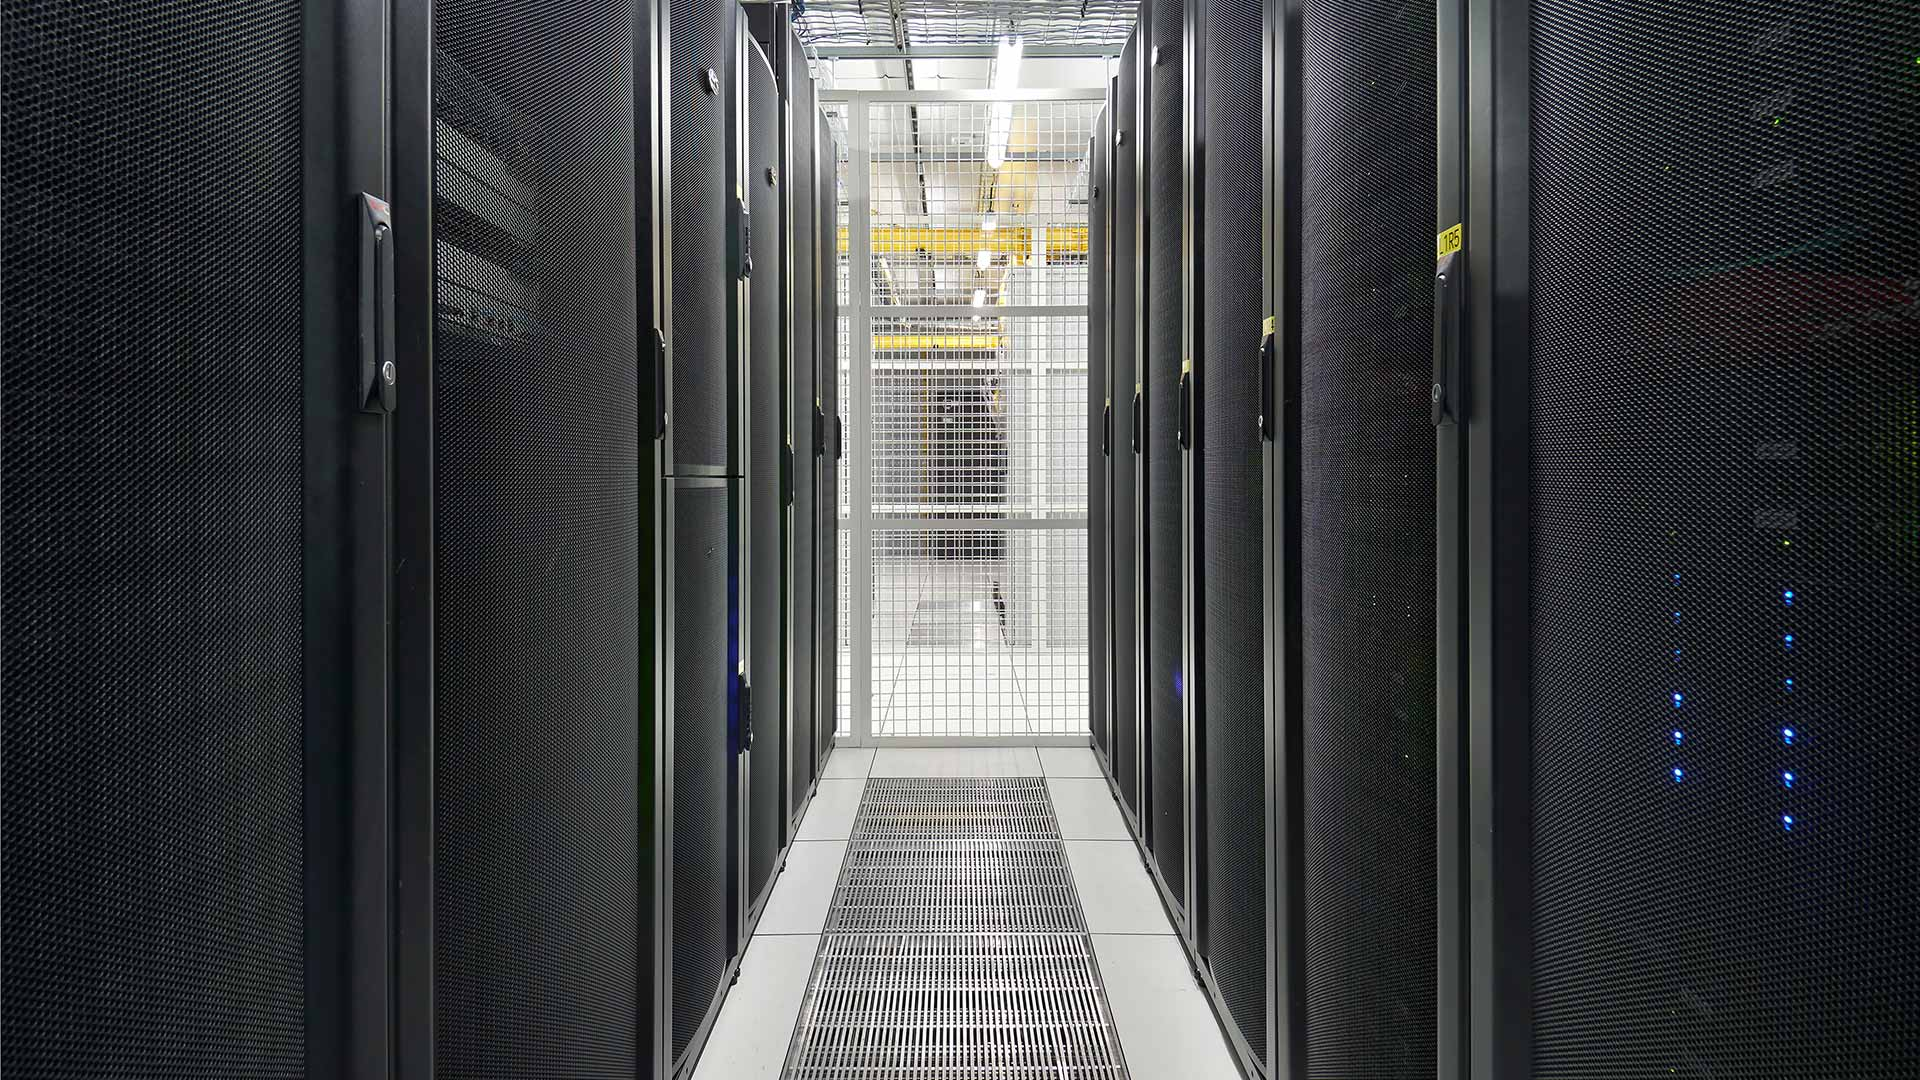 Hardware Premium, Datacenter Certificados, Linux, Windows